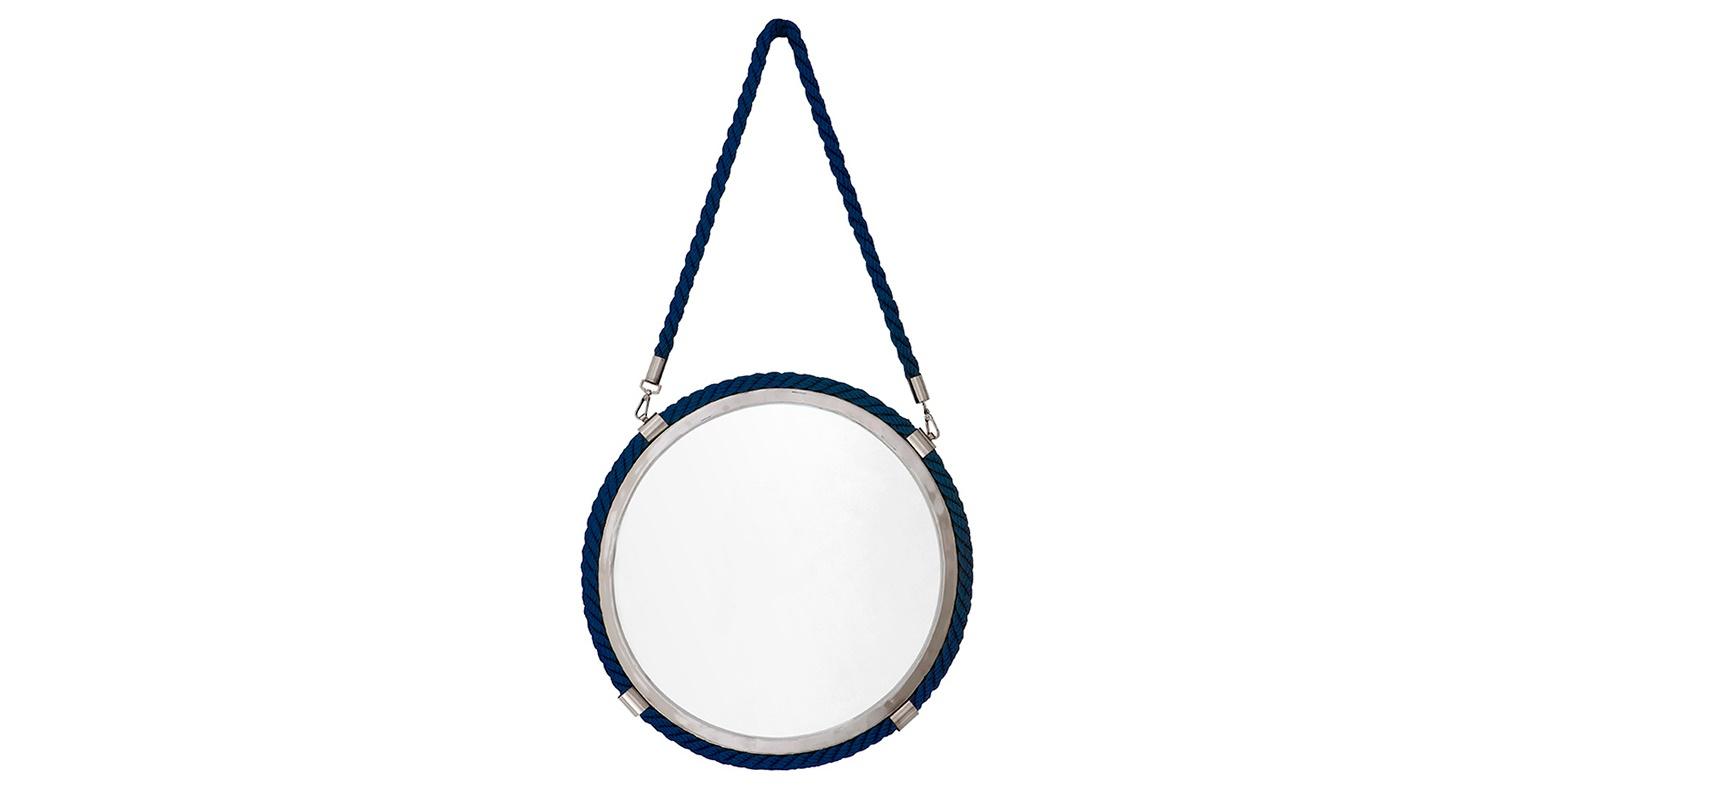 Зеркало СlearwaterНастенные зеркала<br>&amp;lt;div&amp;gt;Зеркало Сlearwater выполнено в лаконичном дизайне. Такая вещь отлично впишется в современный или индустриальный интерьер. Эта модель придется весьма кстати, когда нужно подчеркнуть сдержанность и ненавязчиво добавить ярких акцентов в пространство. Зеркало в металлической рамке имеет дополнительную окантовку синего цвета. Этот завершающий штрих делает аксессуар колоритным и радужным.&amp;lt;br&amp;gt;&amp;lt;/div&amp;gt;&amp;lt;div&amp;gt;&amp;lt;br&amp;gt;&amp;lt;/div&amp;gt;&amp;lt;div&amp;gt;Цвет металла: никель.&amp;lt;/div&amp;gt;<br><br>Material: Текстиль<br>Width см: 58<br>Depth см: 7<br>Height см: 101